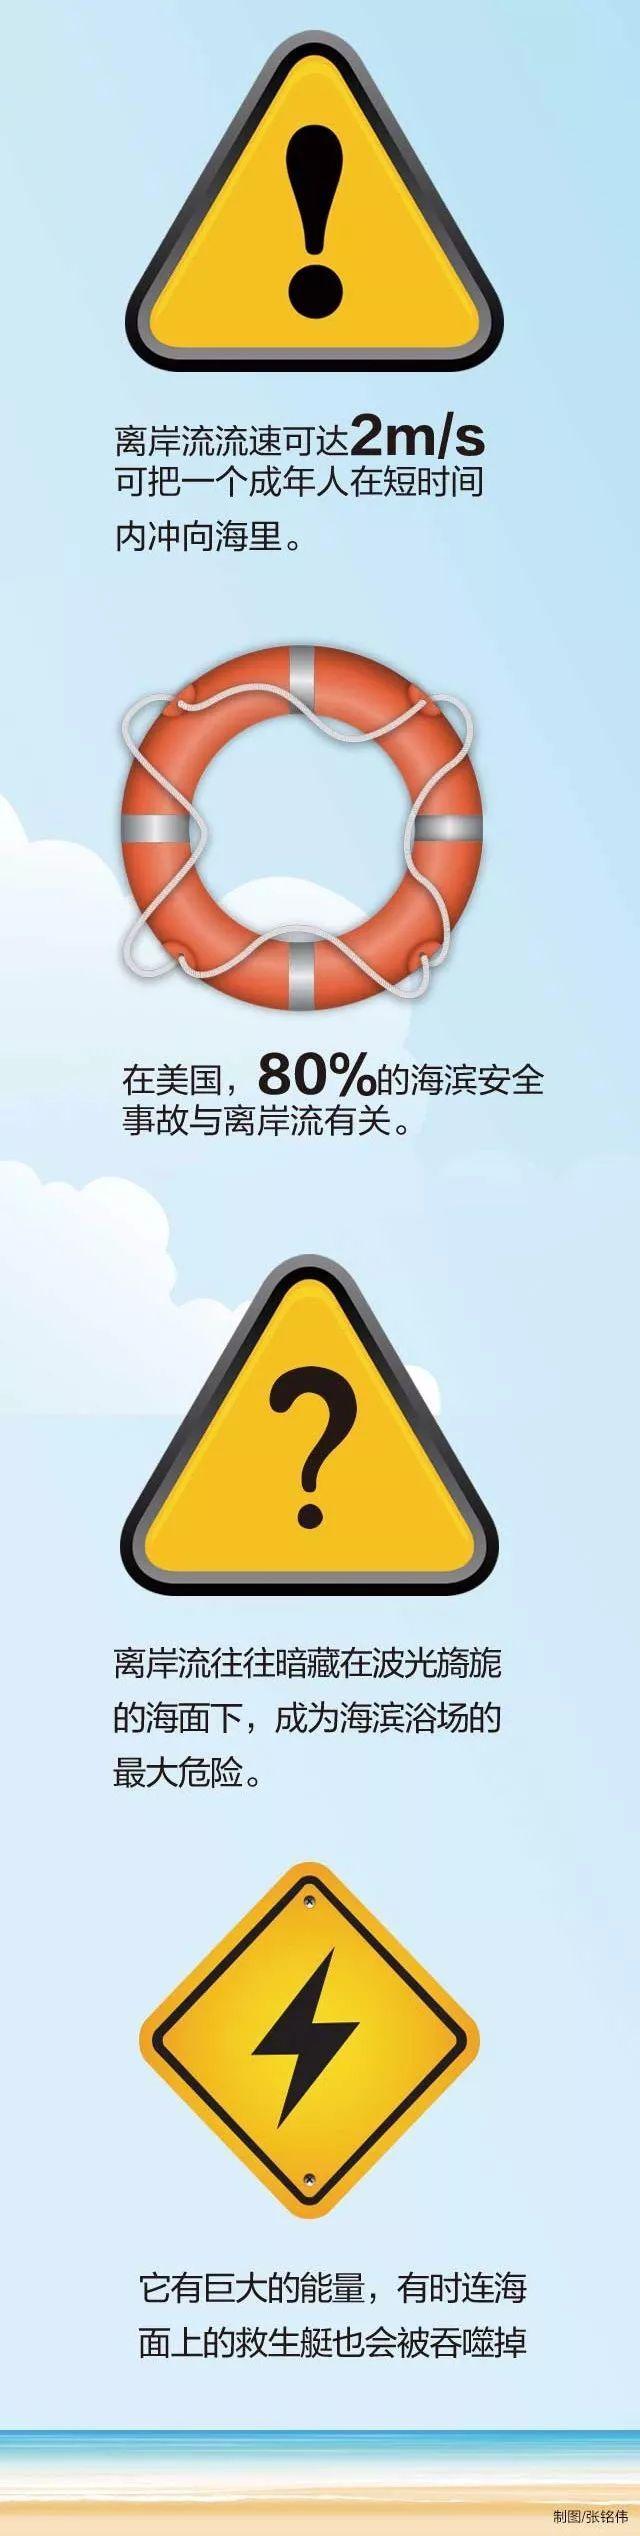 痛心!北京8岁双胞胎姐妹青岛溺水遇难!妈妈:发个朋友圈孩子就不见了